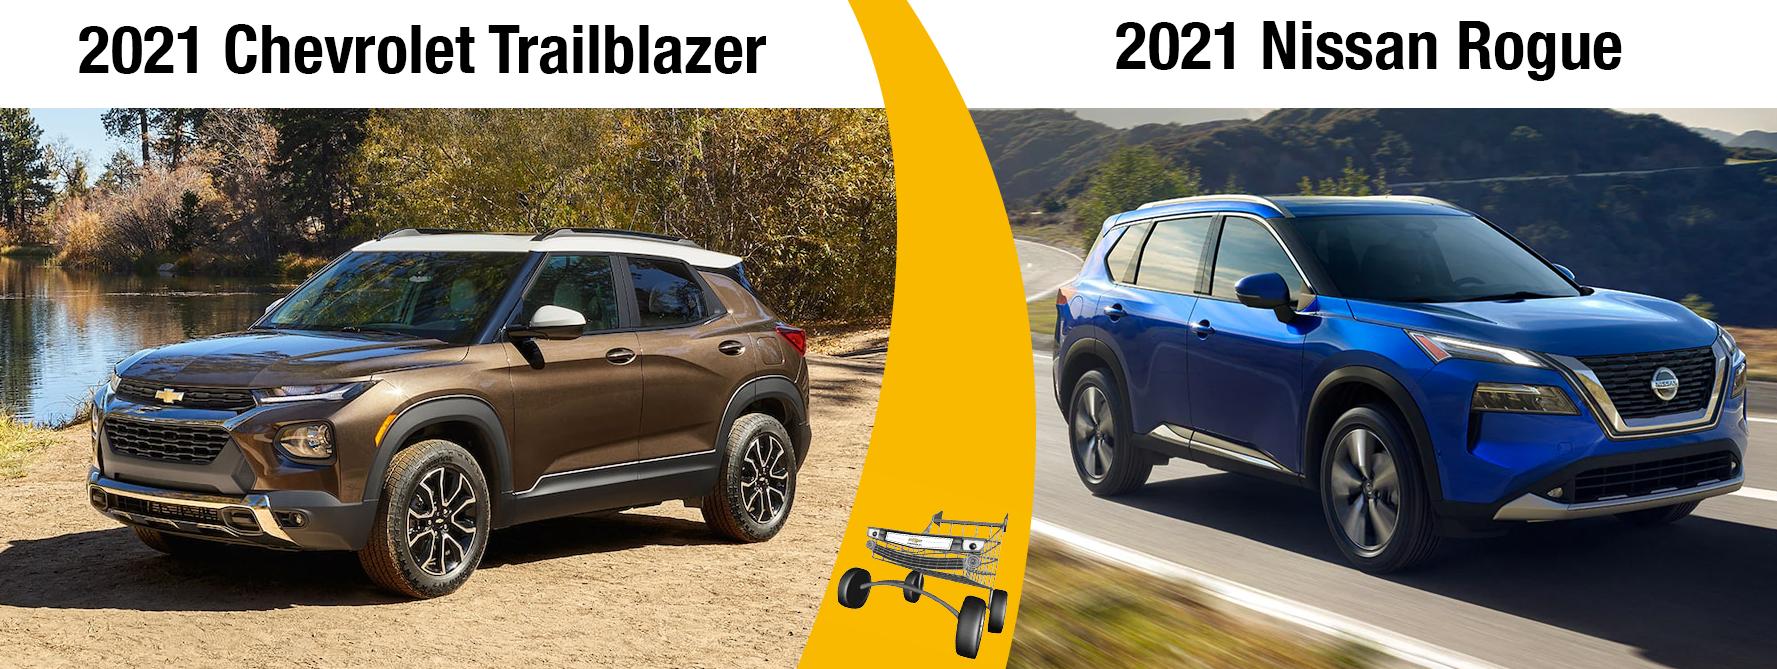 2021 Chevy Trailblazer vs 2021 Nissan Rogue